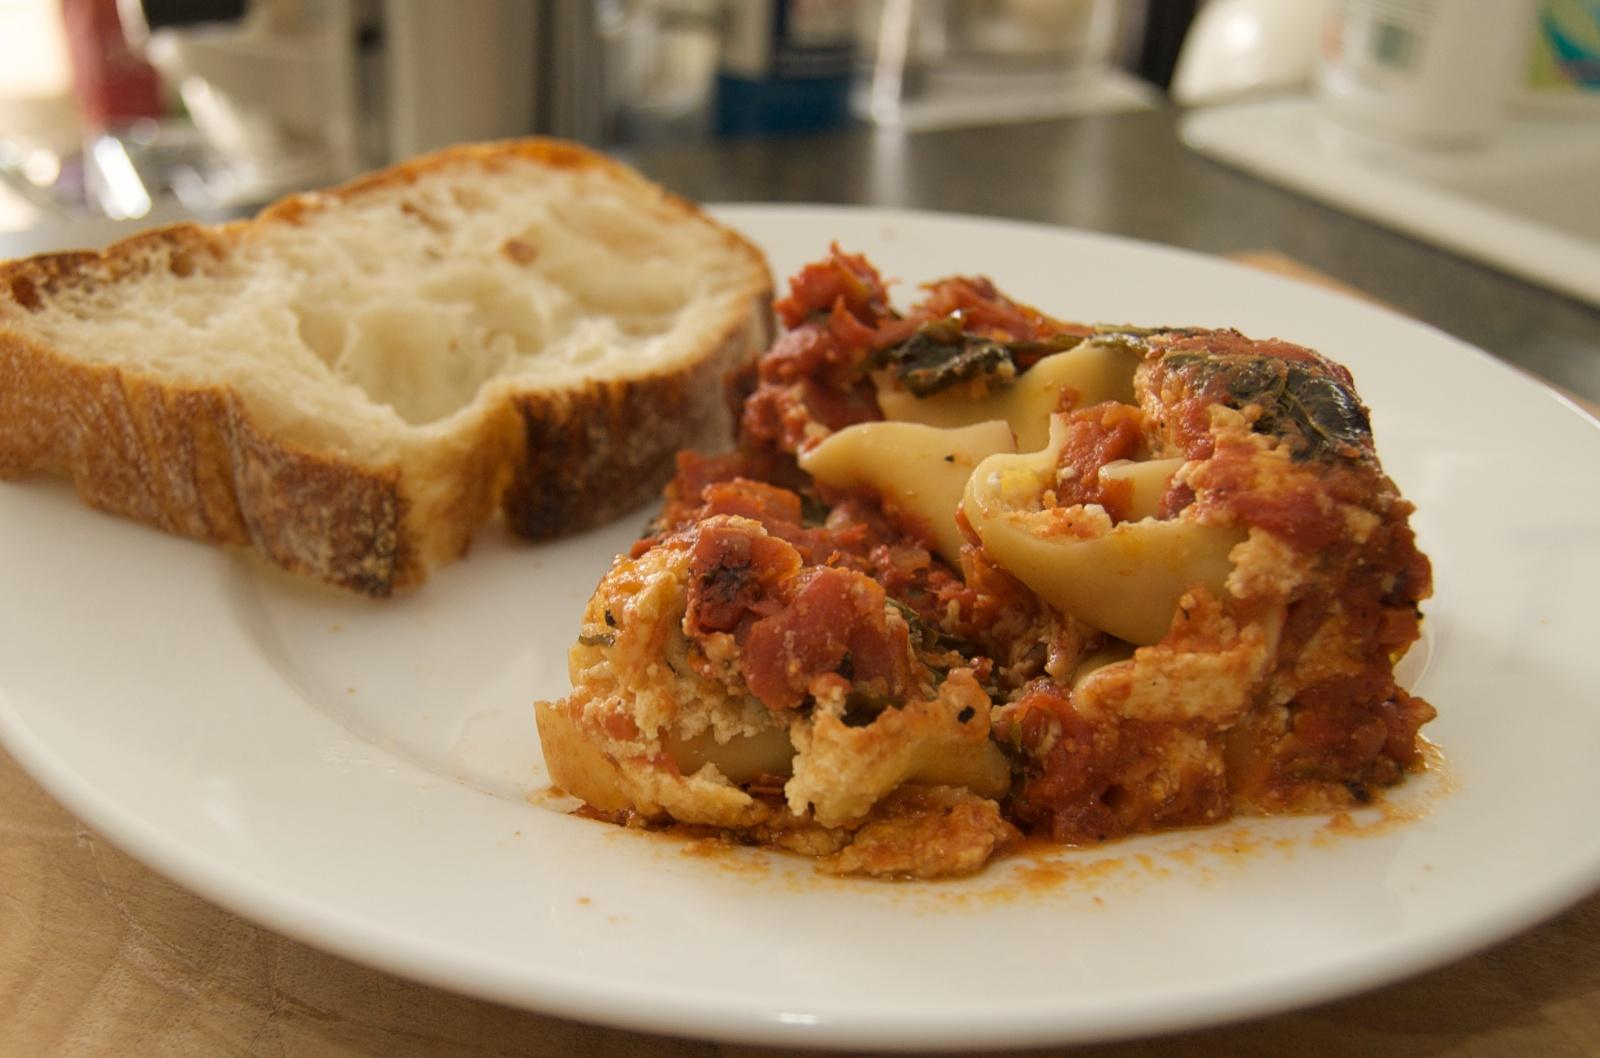 http://blog.rickk.com/food/2010/06/20/lasagna1.jpg